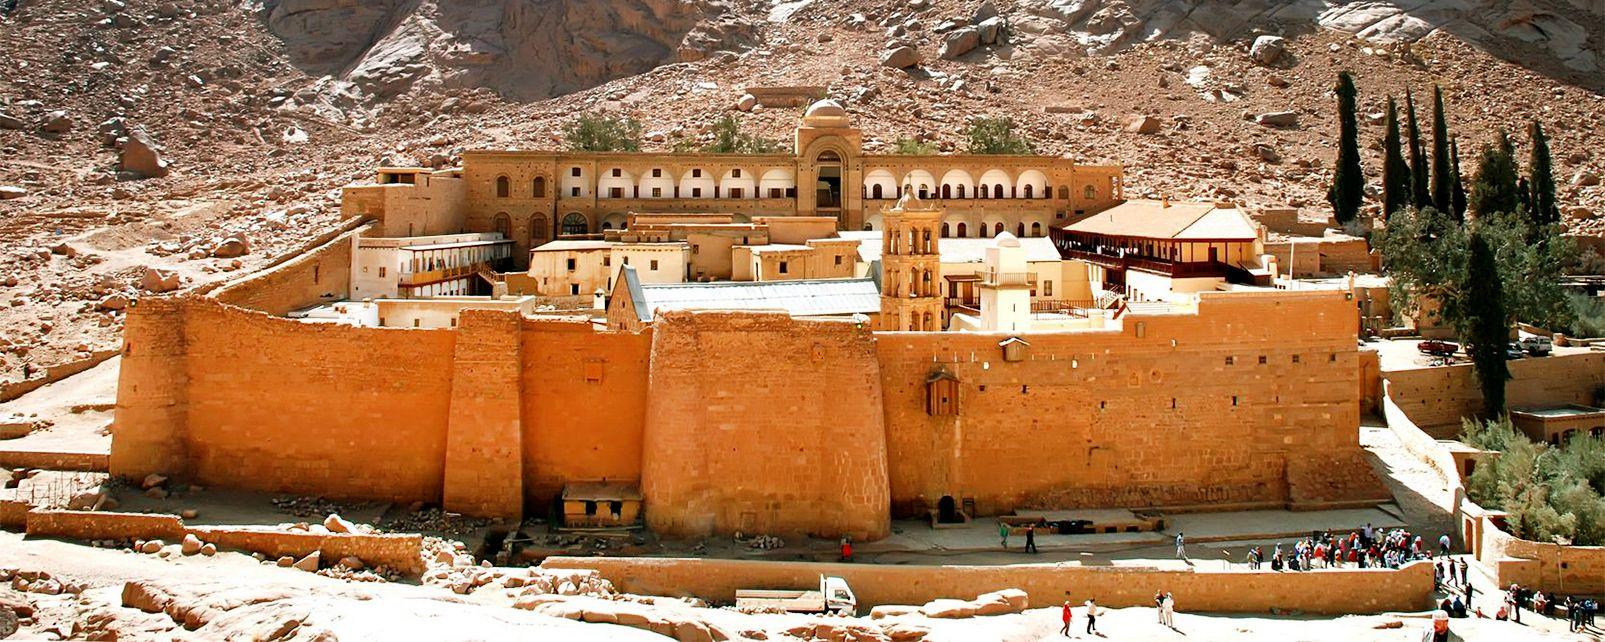 Santa Caterina in Egitto, Il monastero di Santa Caterina, I siti, Sharm el Sheikh, Egitto